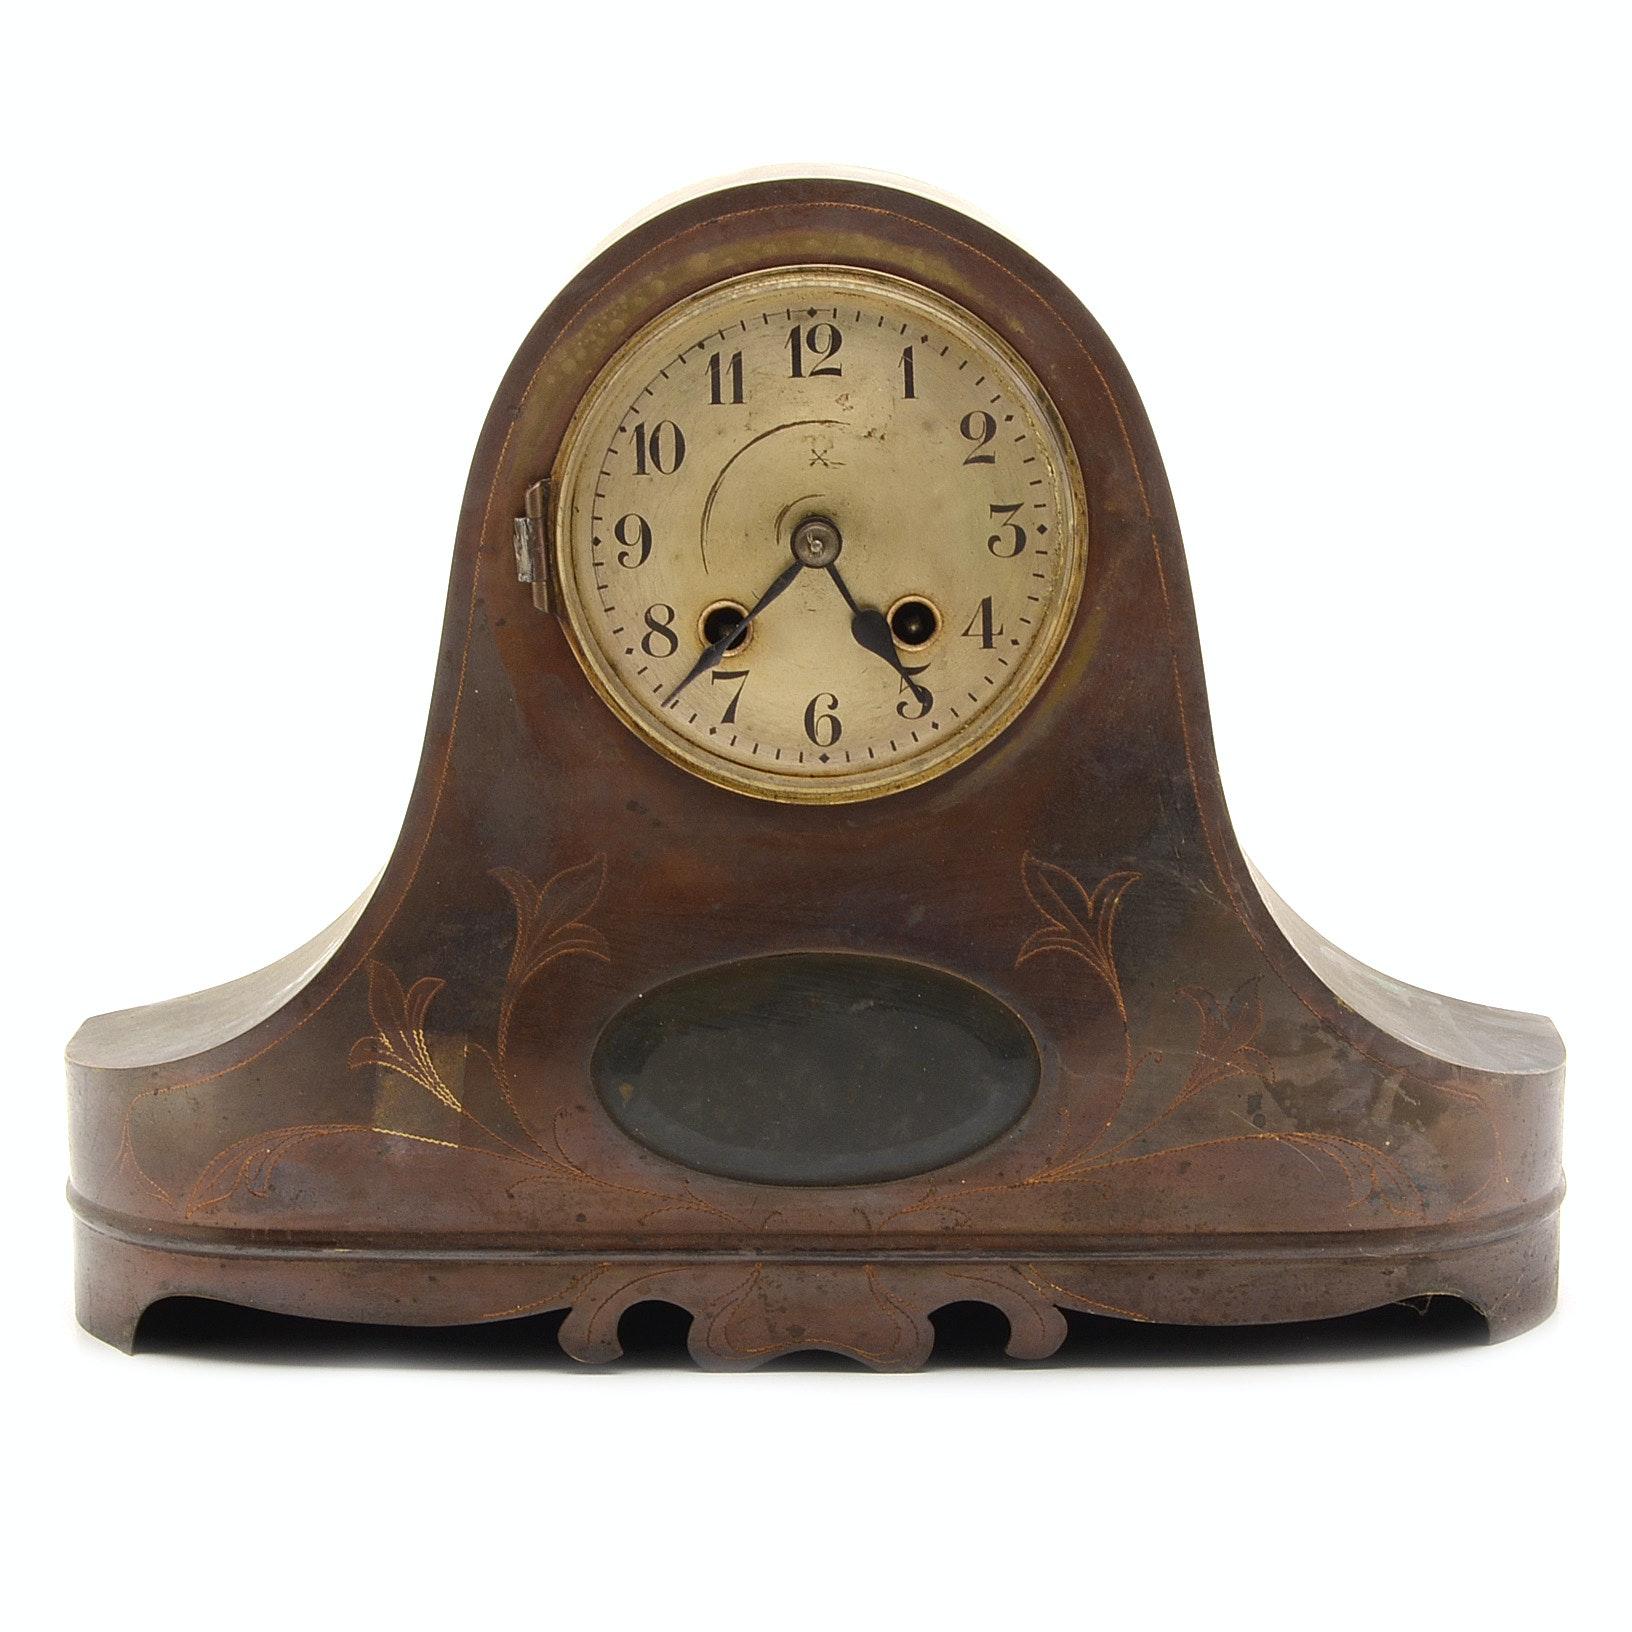 Antique Metal Casing Mantel Clock